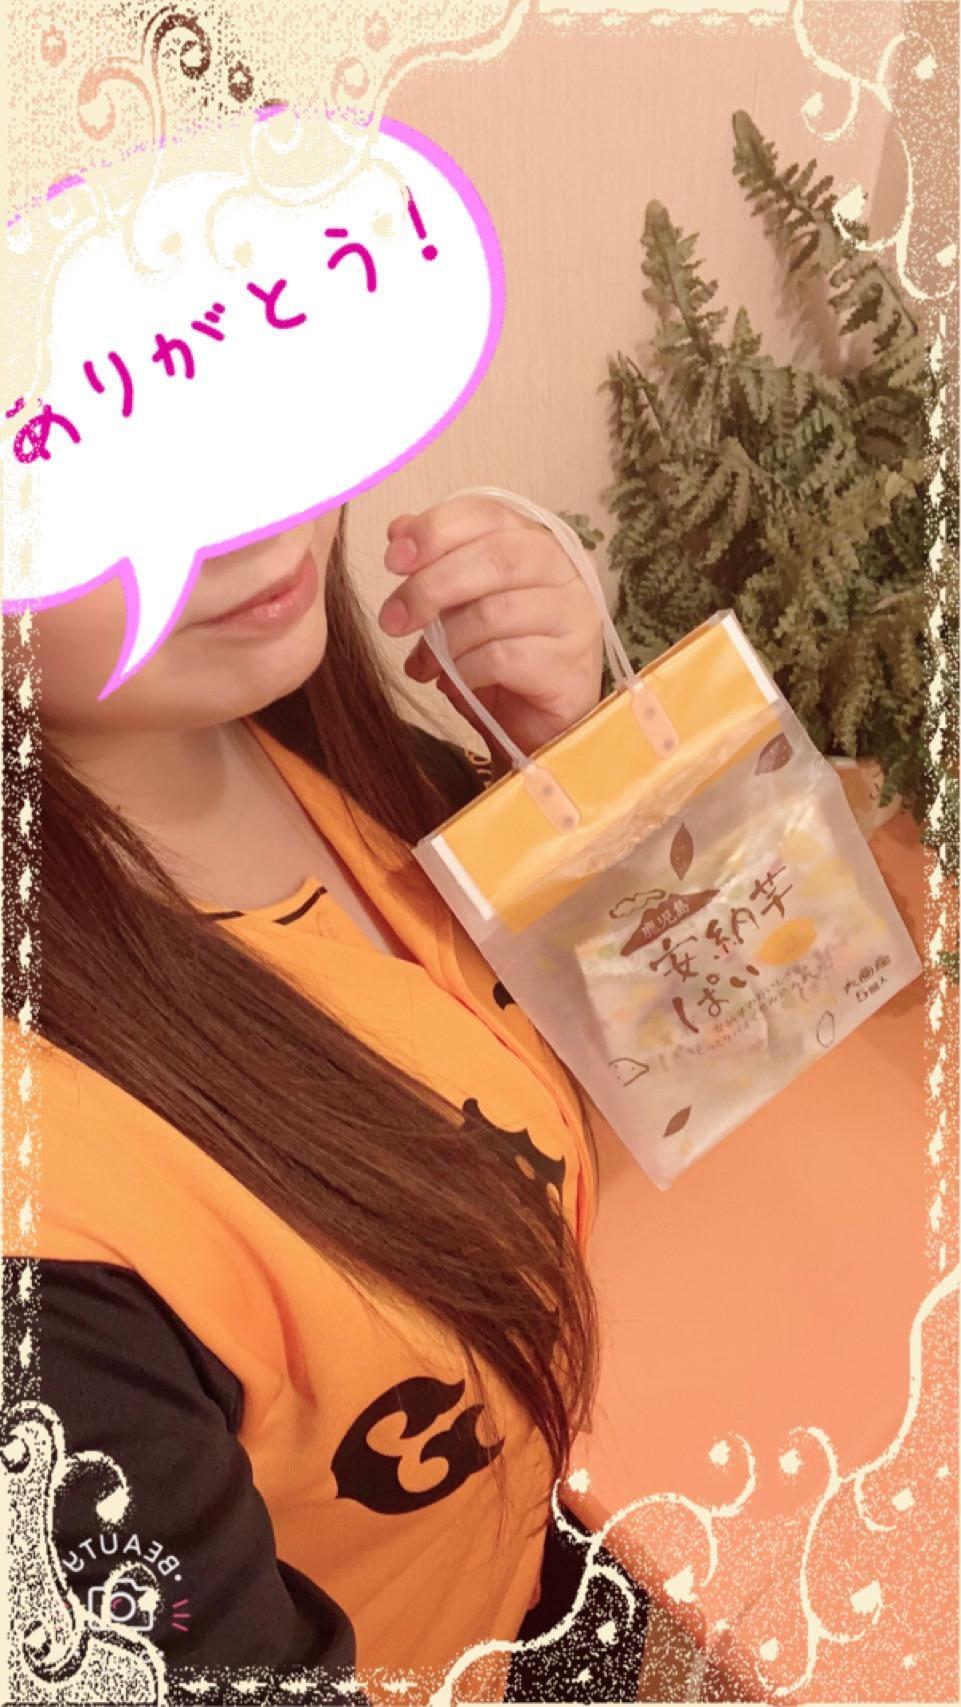 陽依(ひより)「☆夢路 D様☆」12/10(火) 02:14 | 陽依(ひより)の写メ・風俗動画